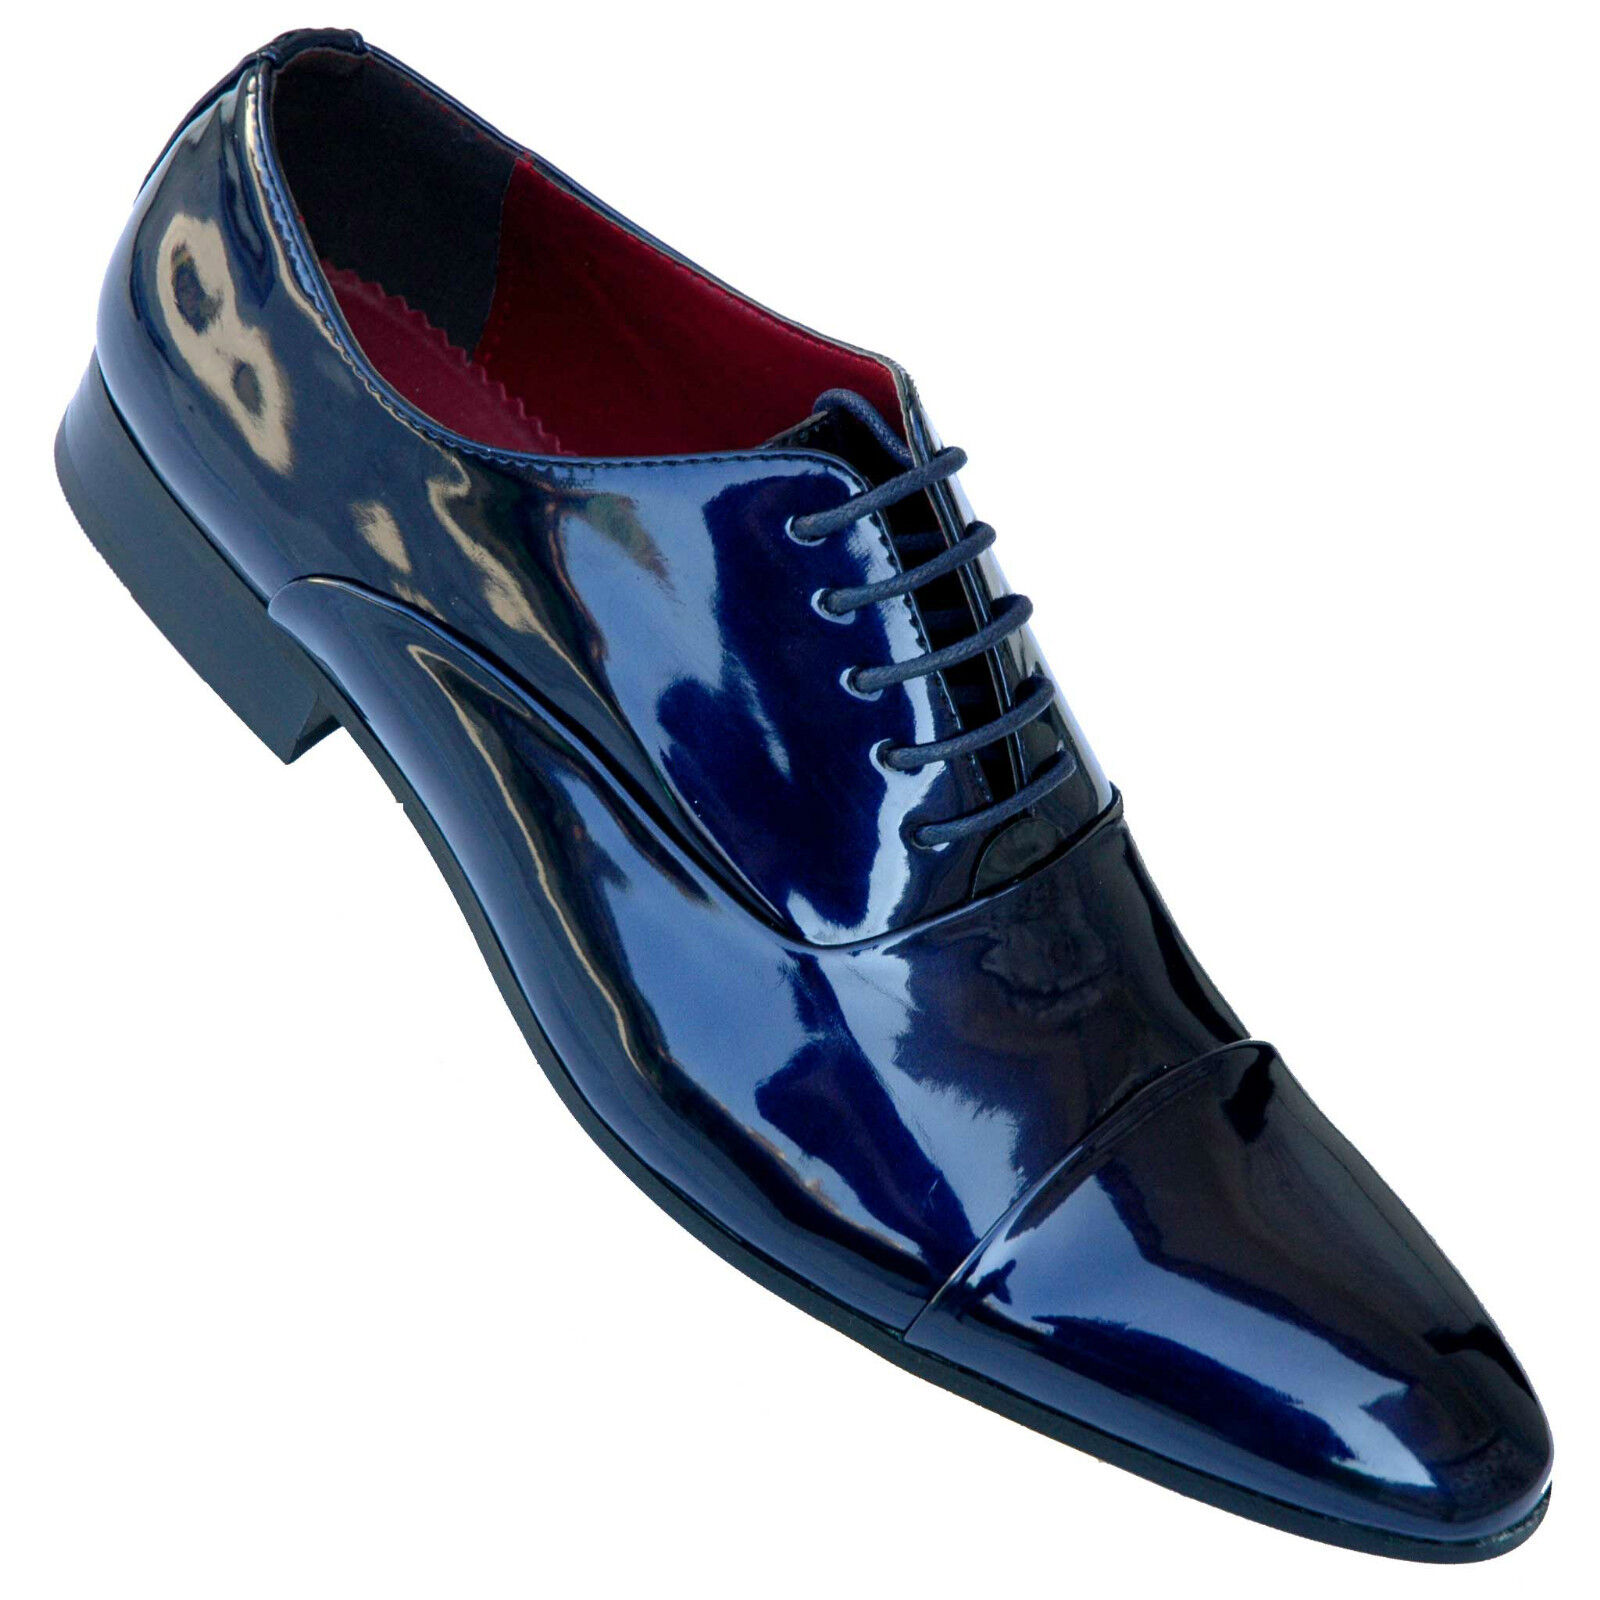 Scarpe Matrimonio Uomo Palermo : Scarpe uomo eleganti classiche per cerimonia blu o nere